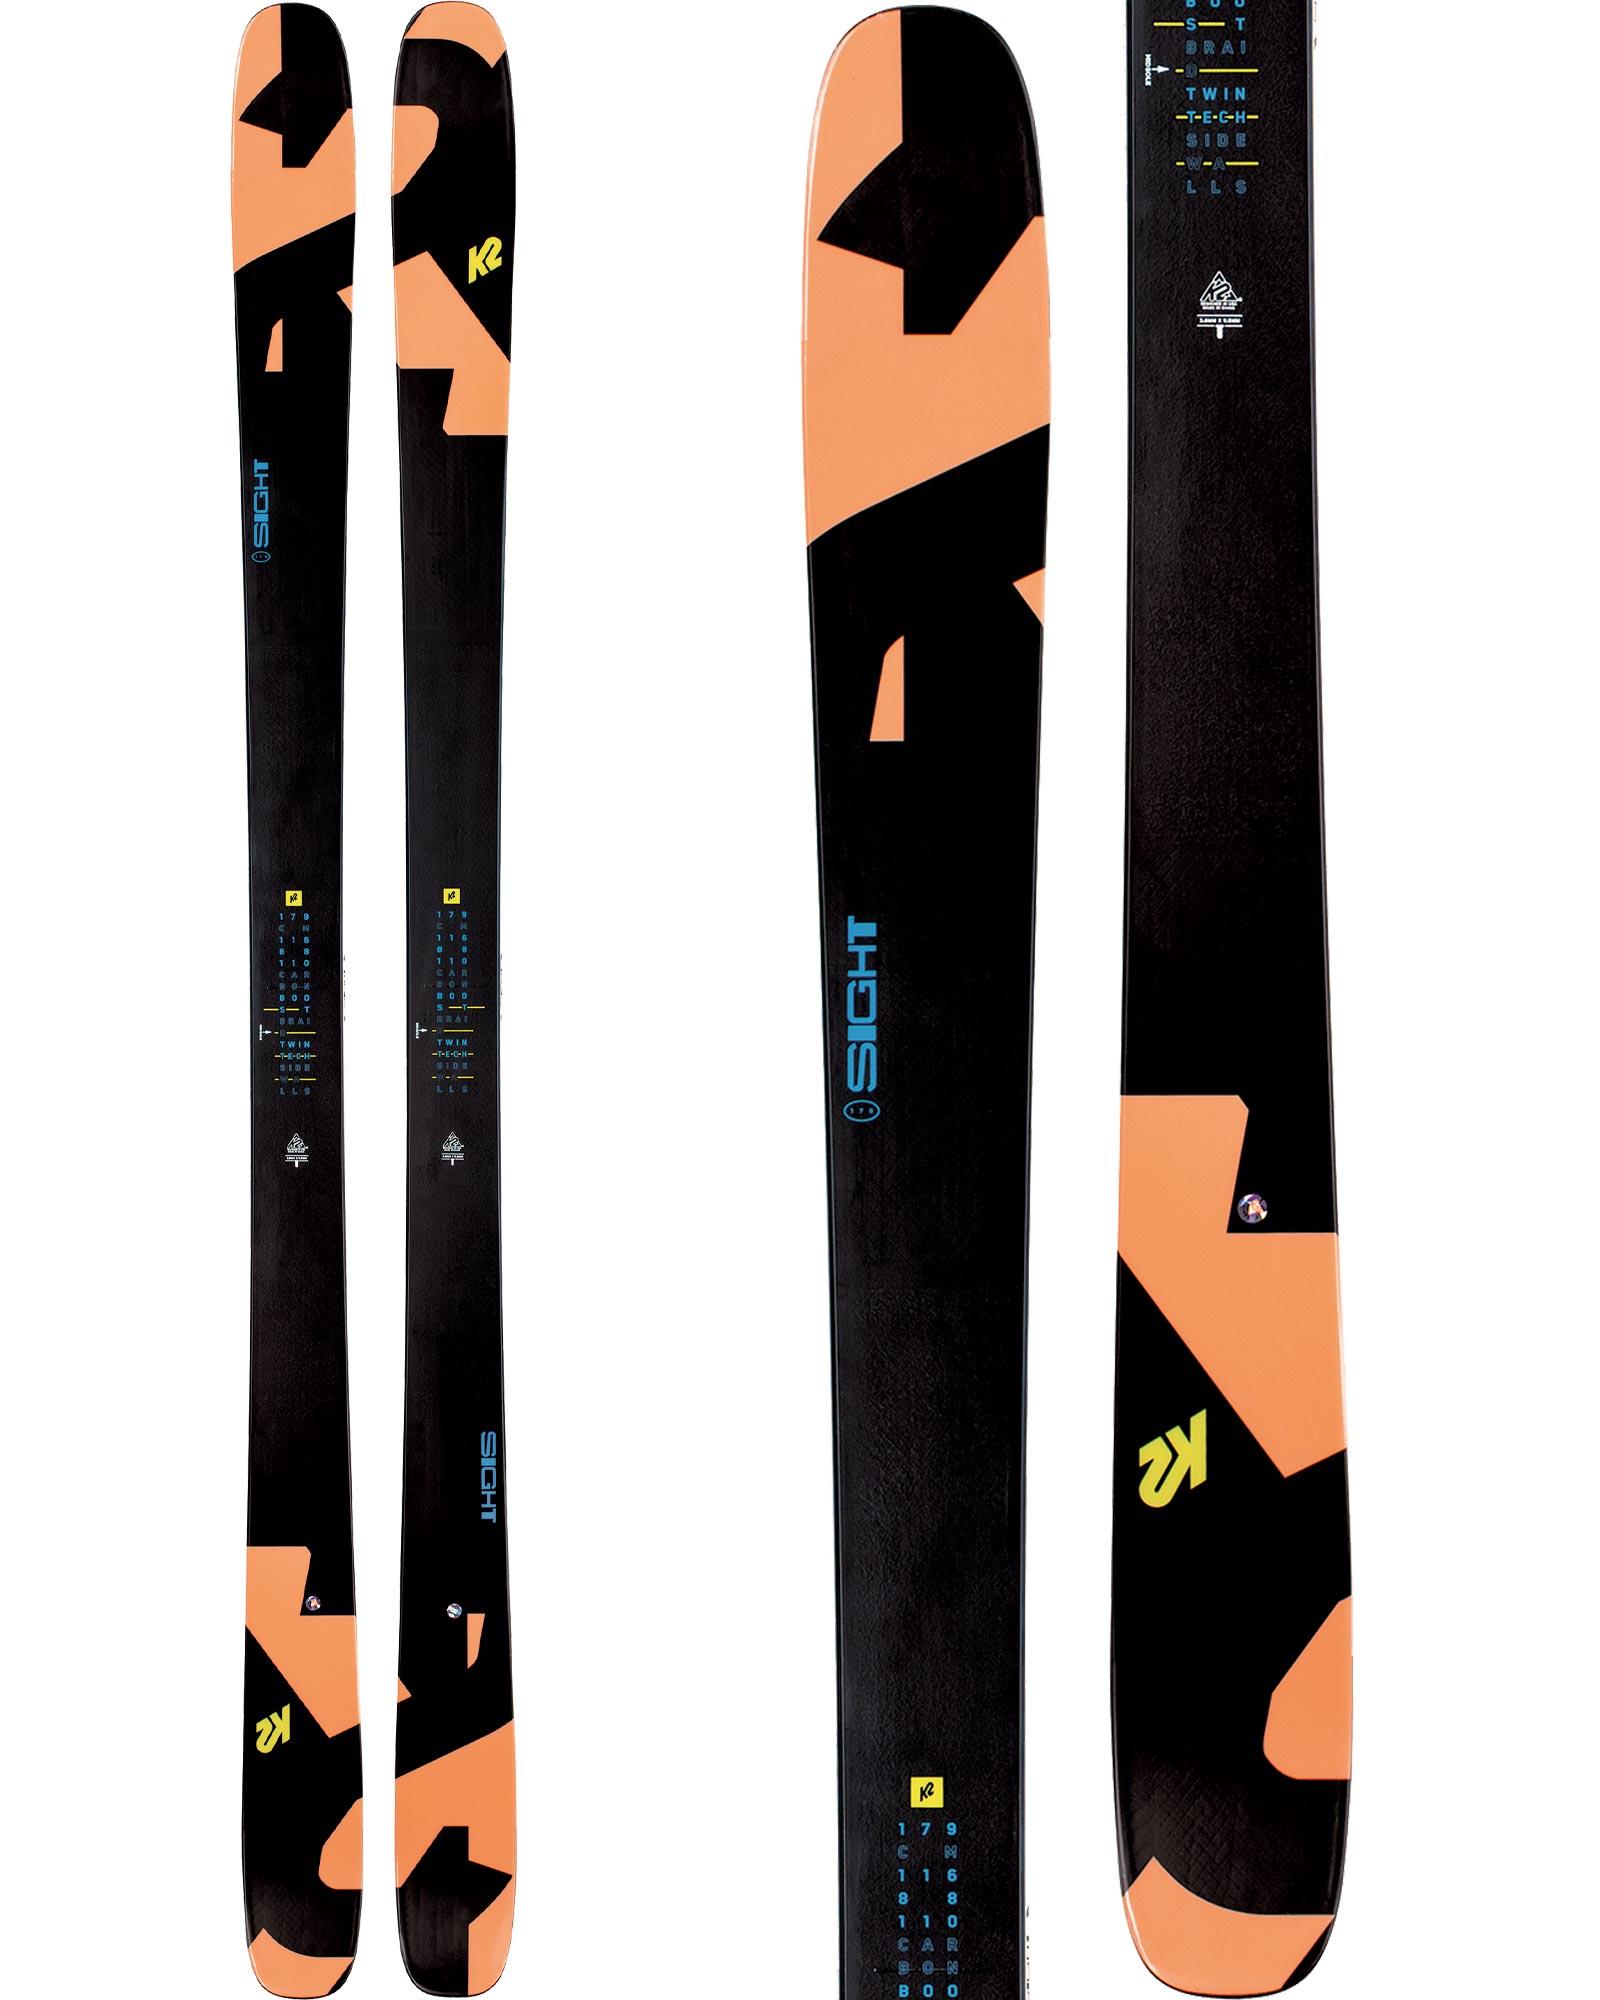 K2 Men's Sight Freestyle Skis 2020 / 2021 0